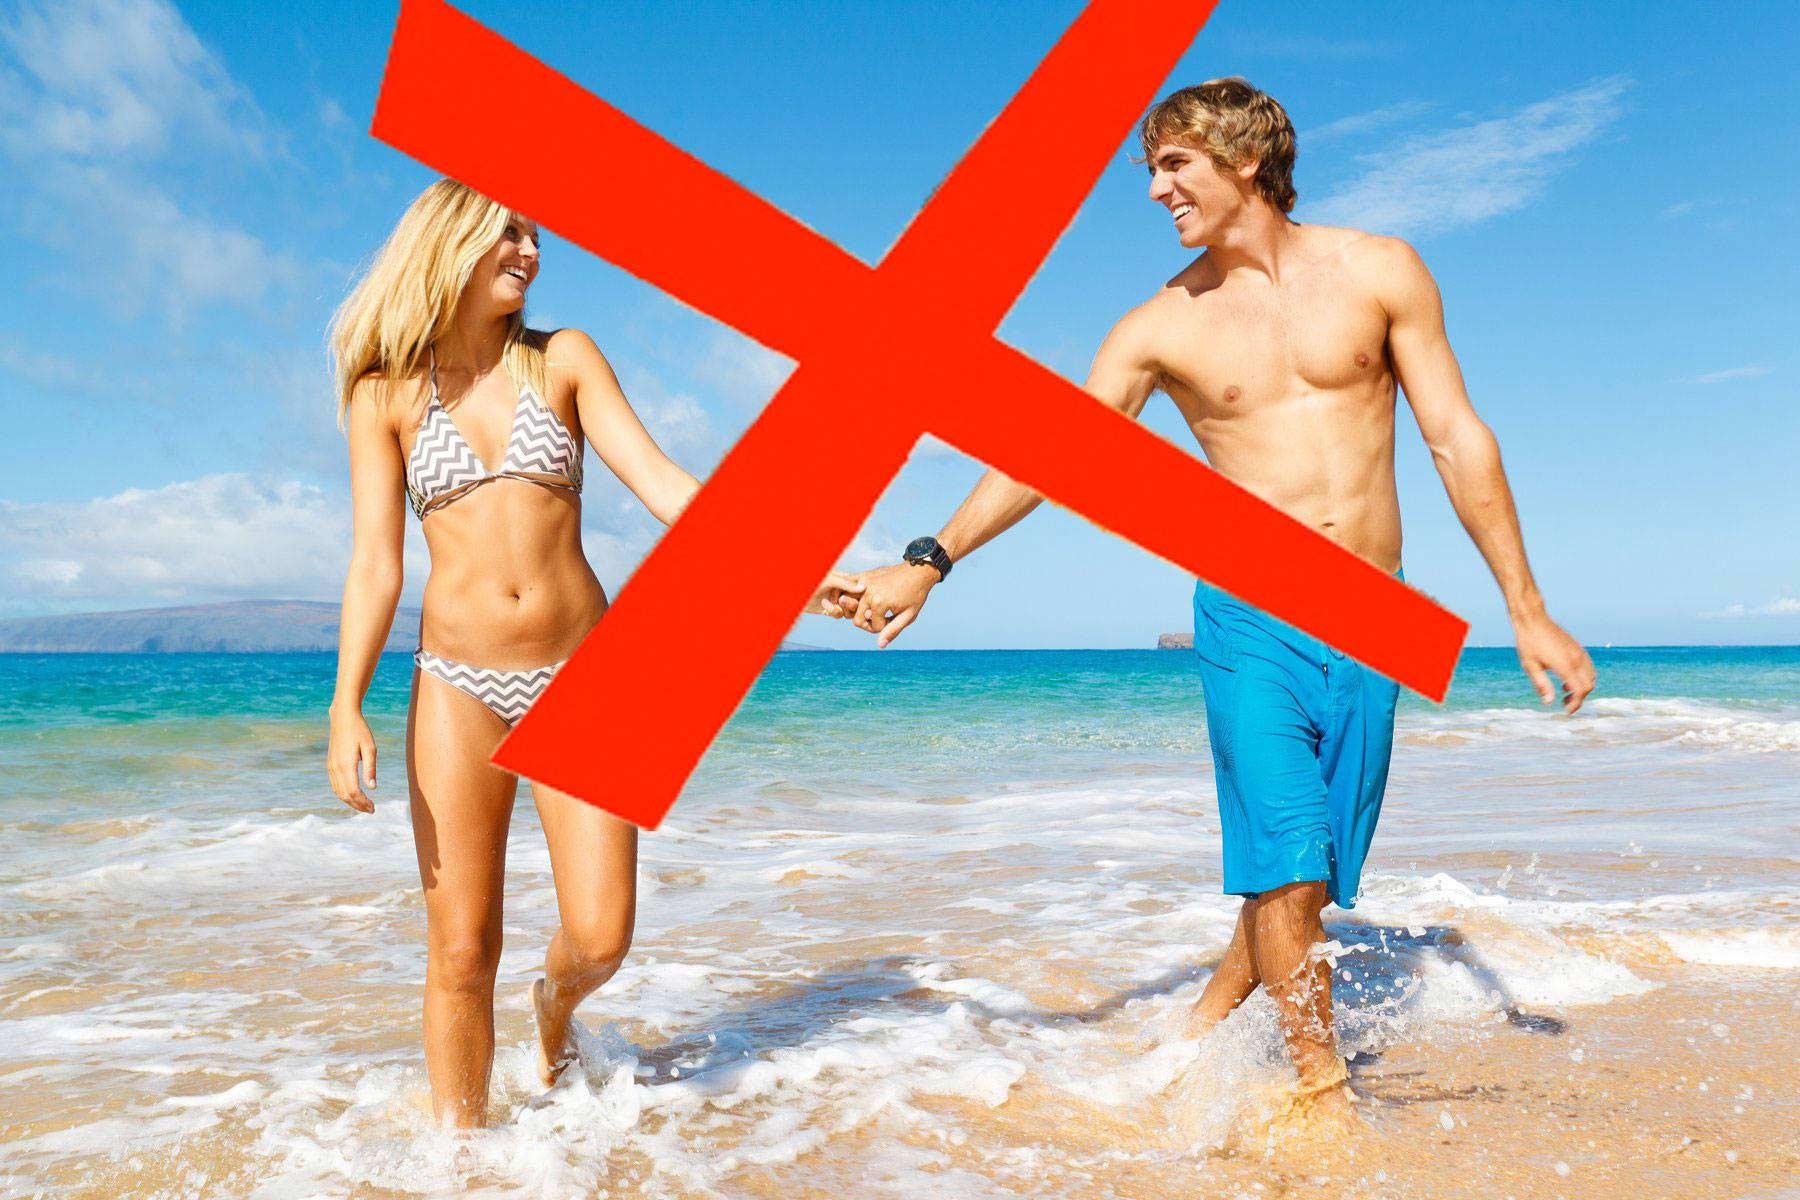 Traditionalisten hetzen gegen zu warmen Winter auf den Kanarischen Inseln traditional-winter-association-nein-zu-kanarischen-inseln-sommer_02